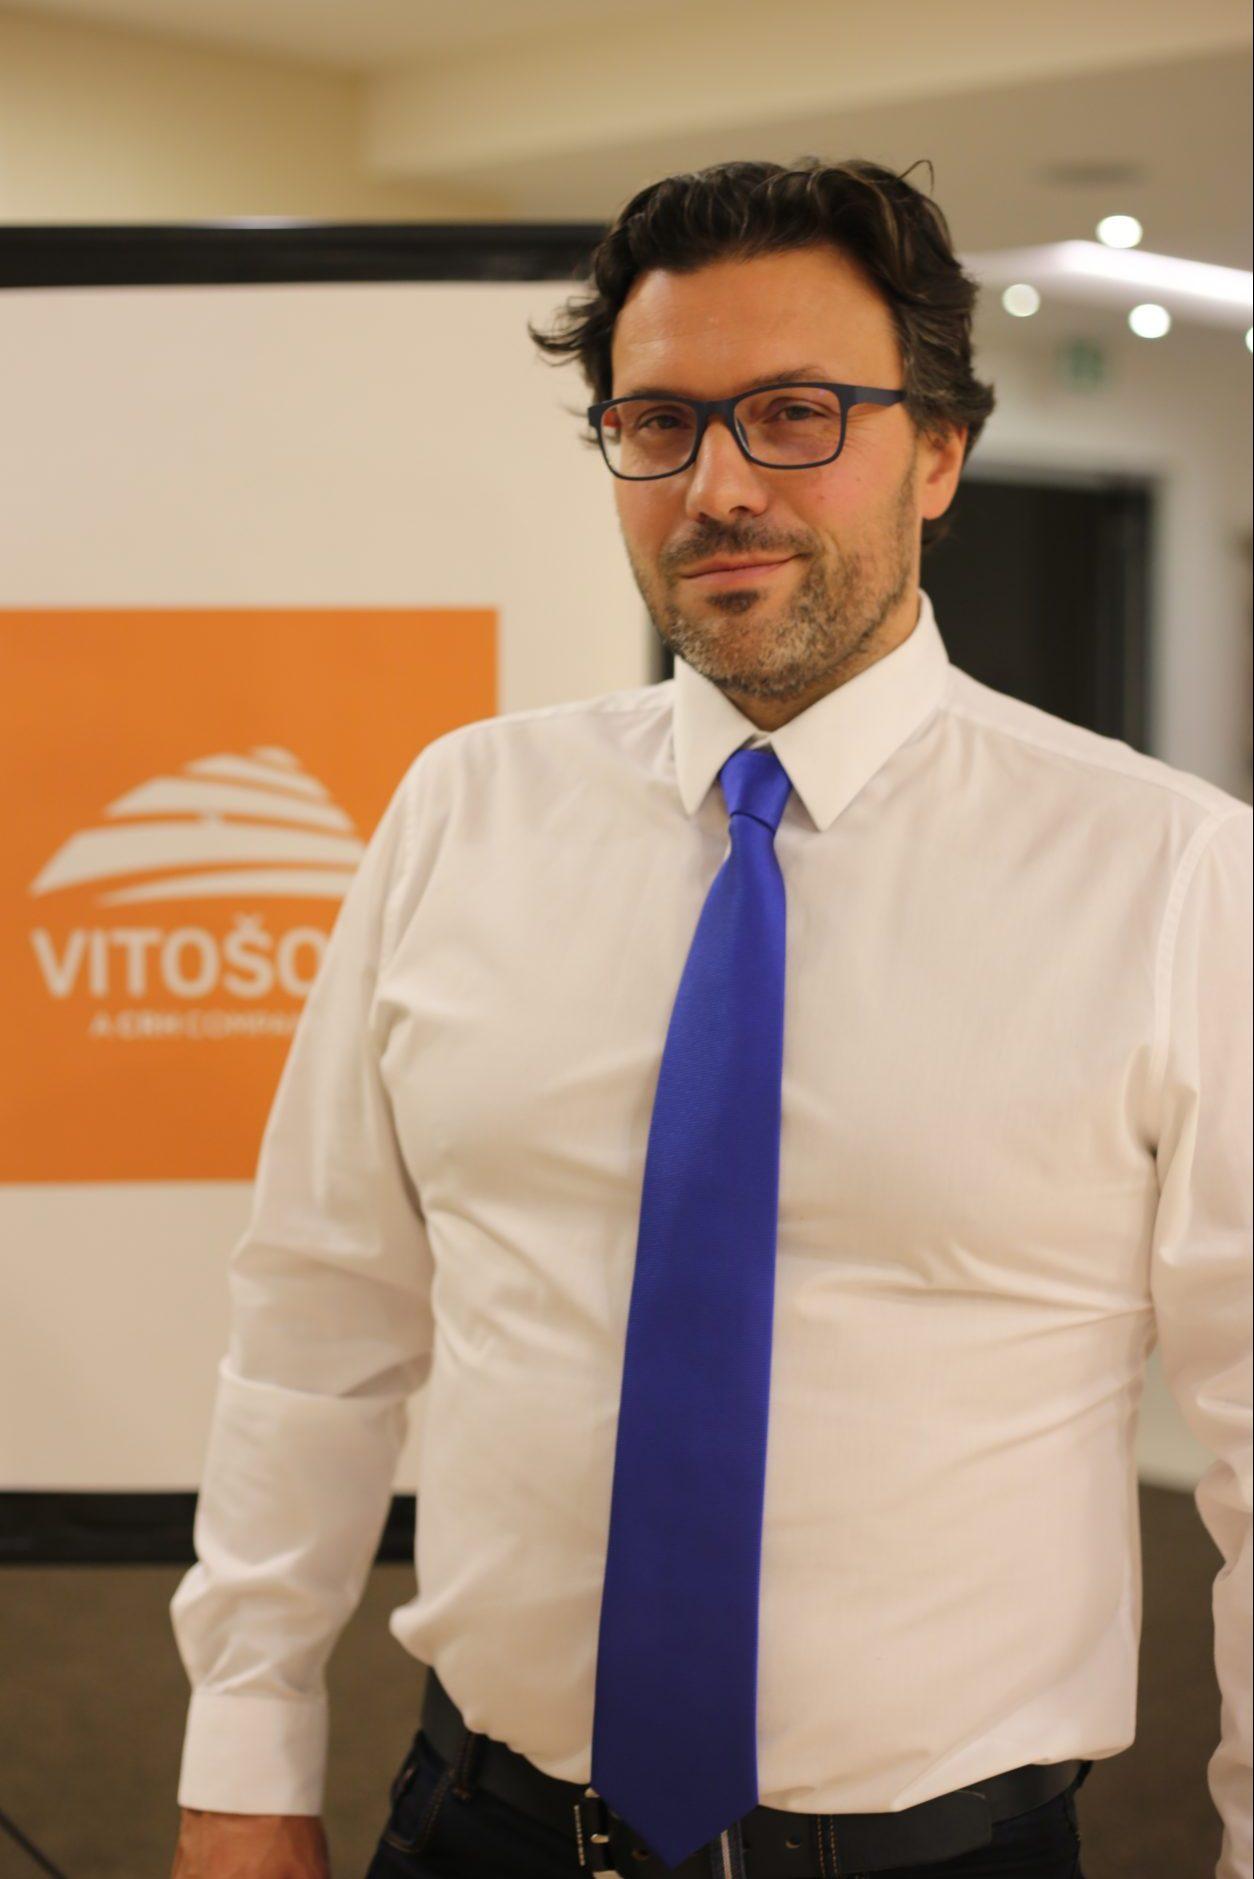 Ing. Jiří Bachtík